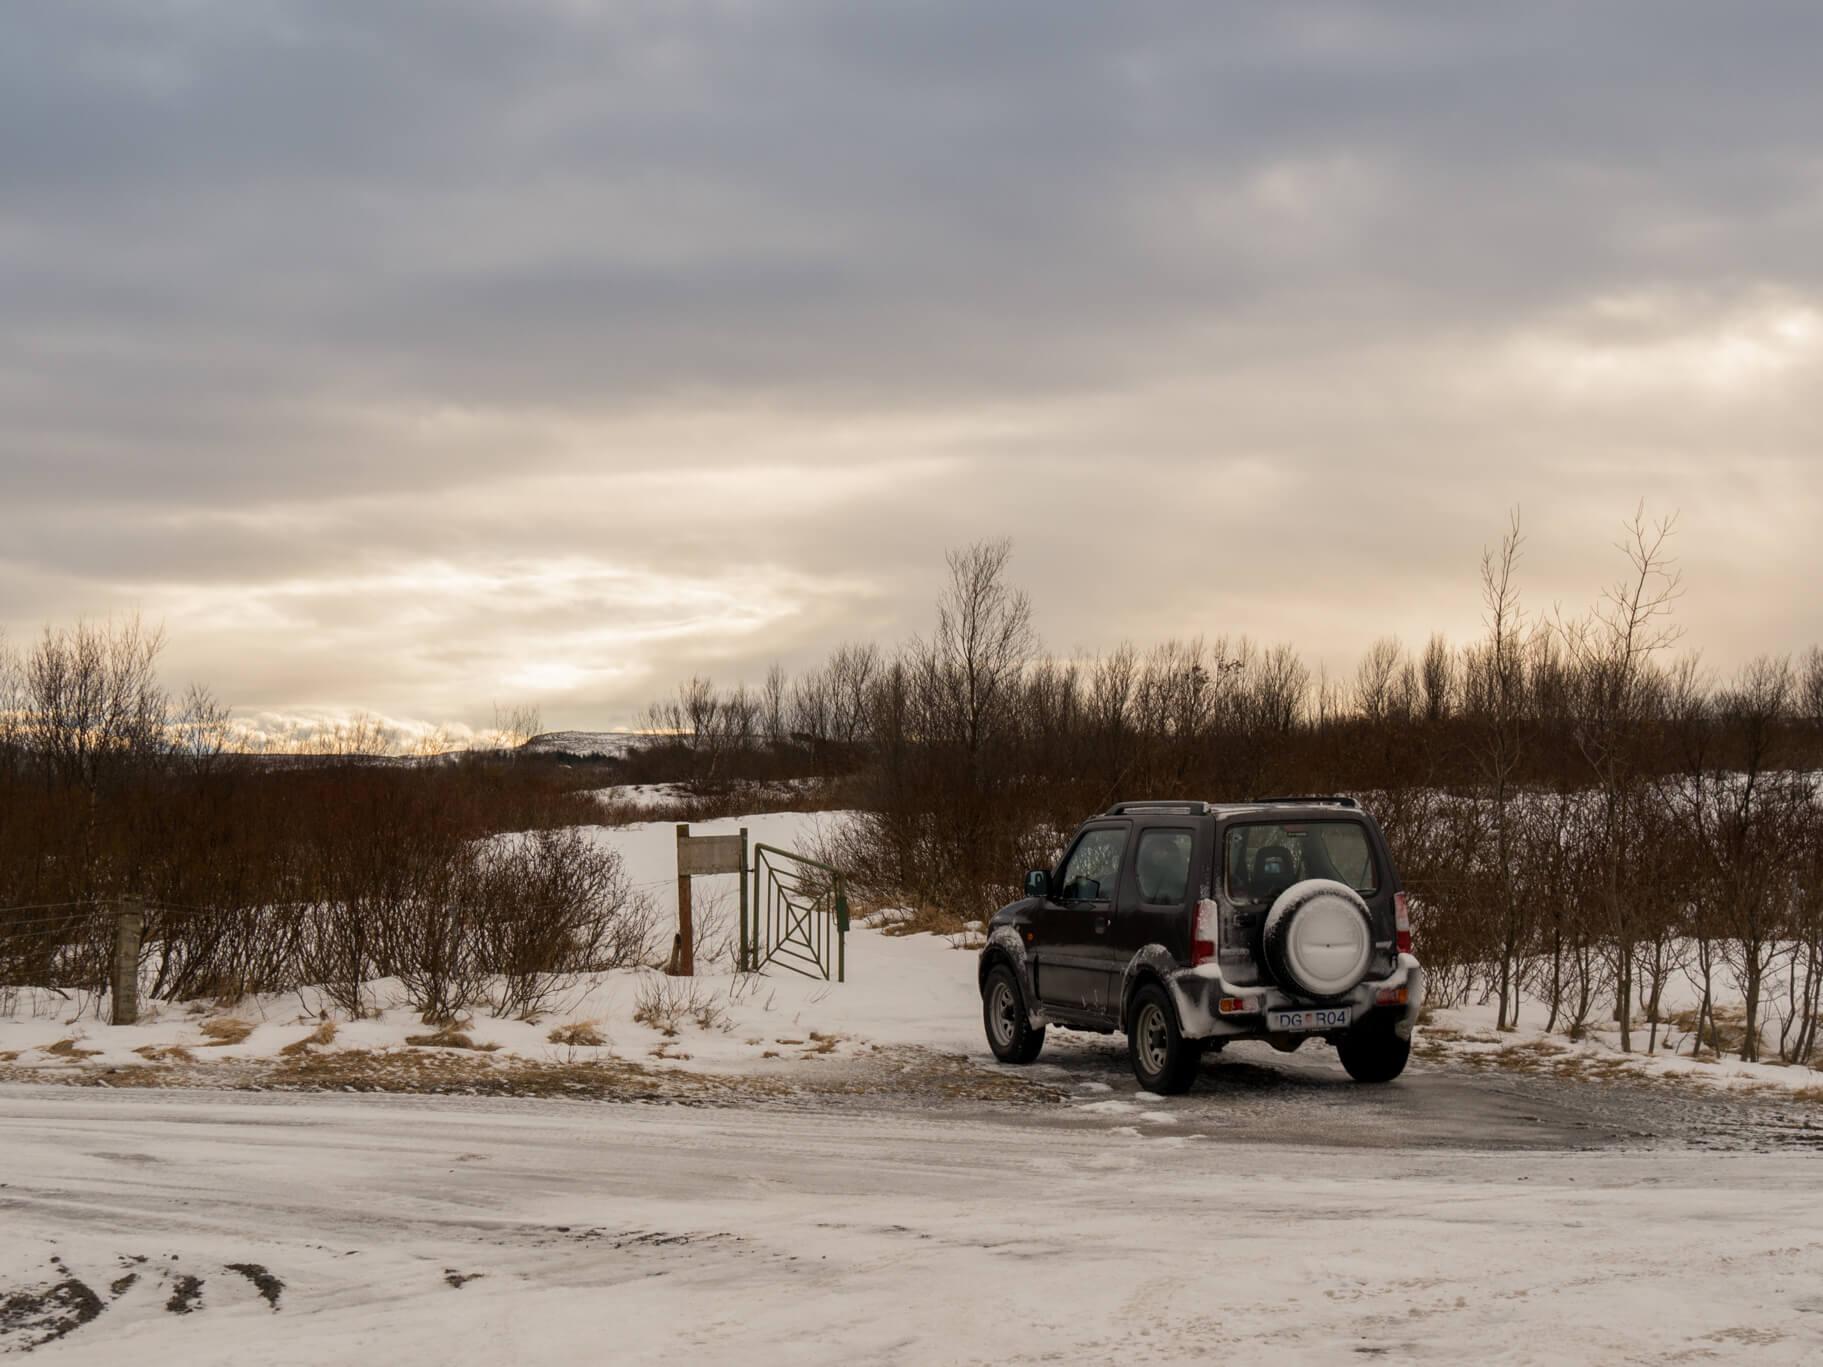 island auto schnee bäume schnee straße